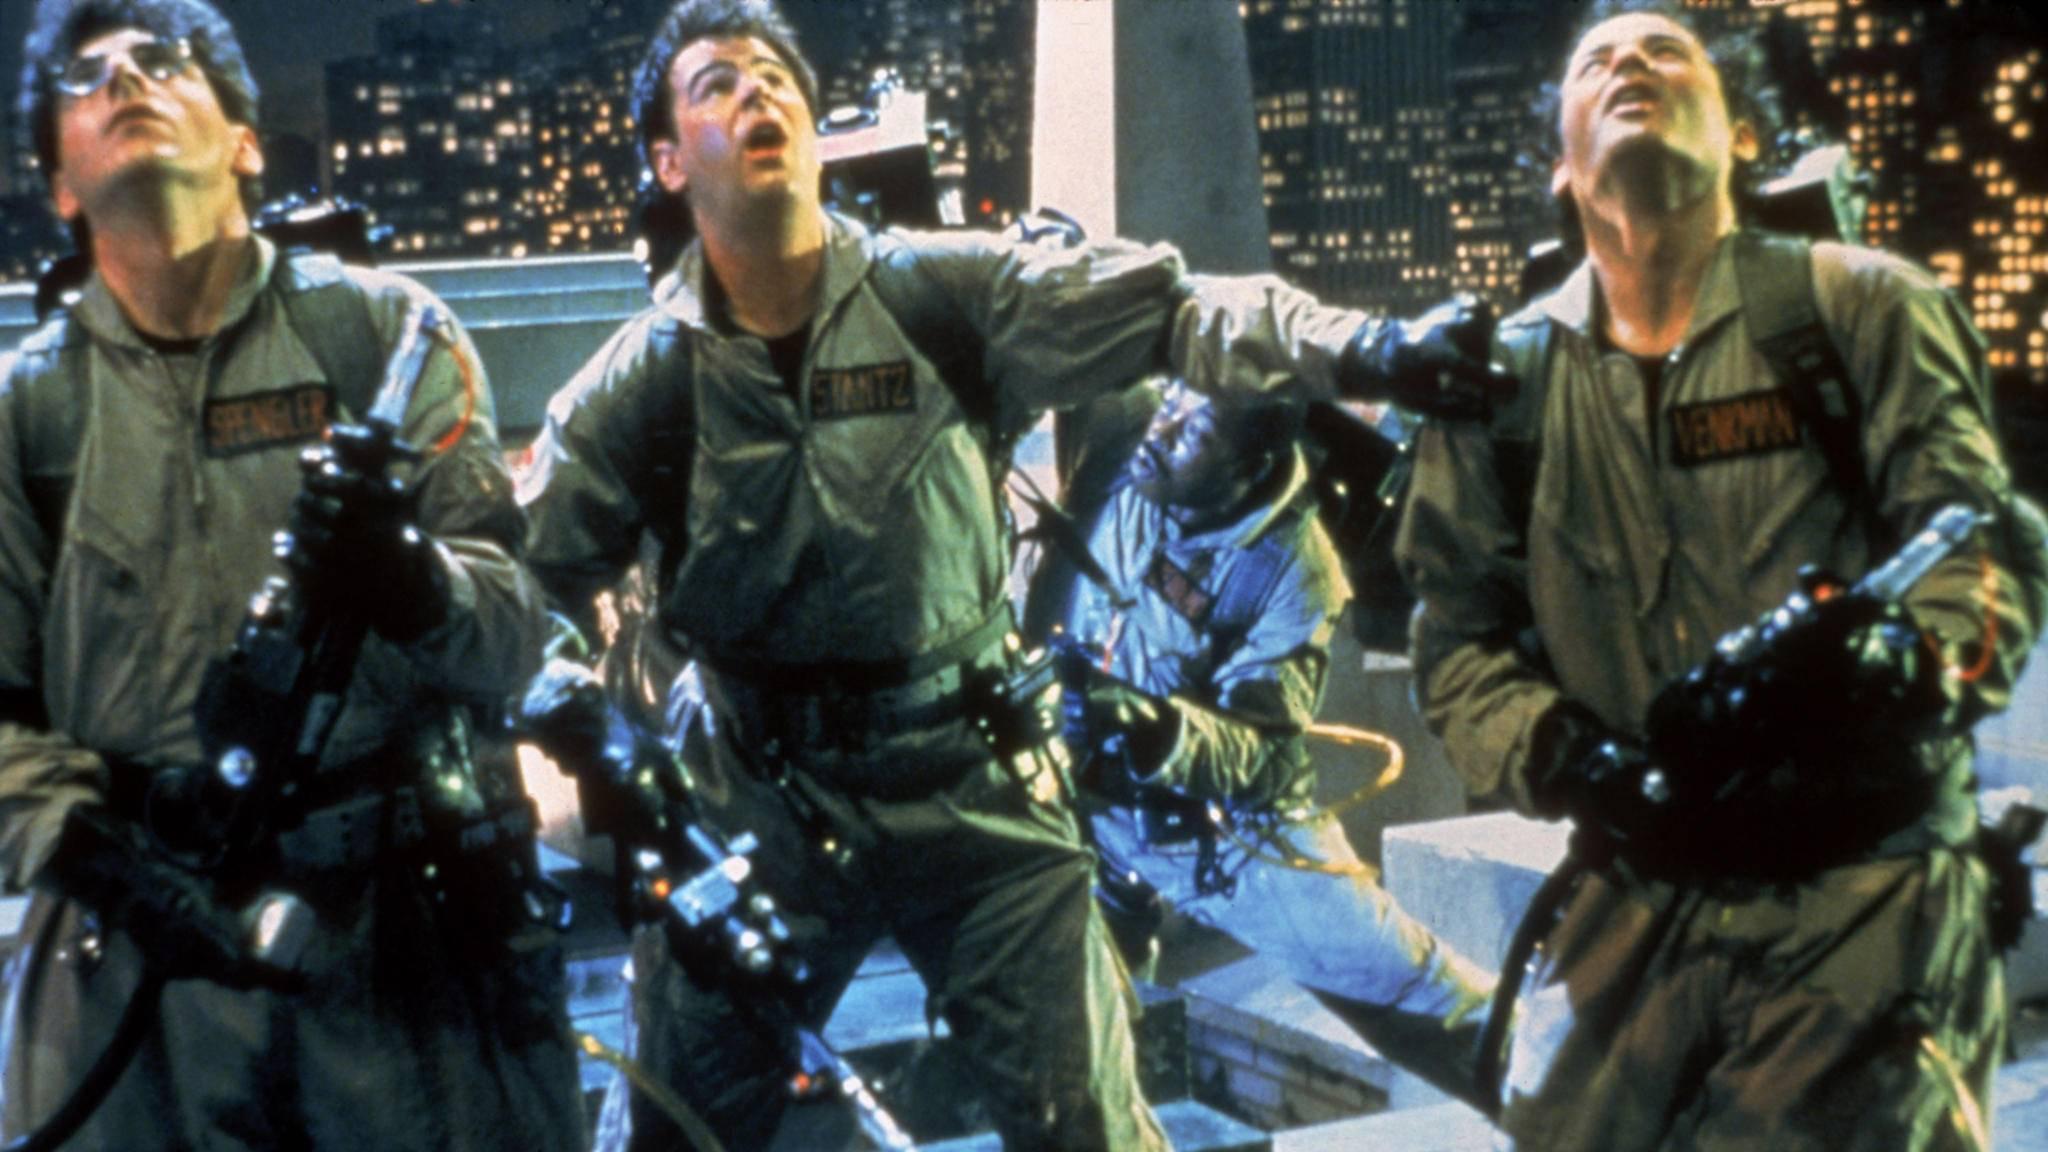 """Kommt da etwa ein """"Ghostbusters""""-Sequel angeflogen?!"""